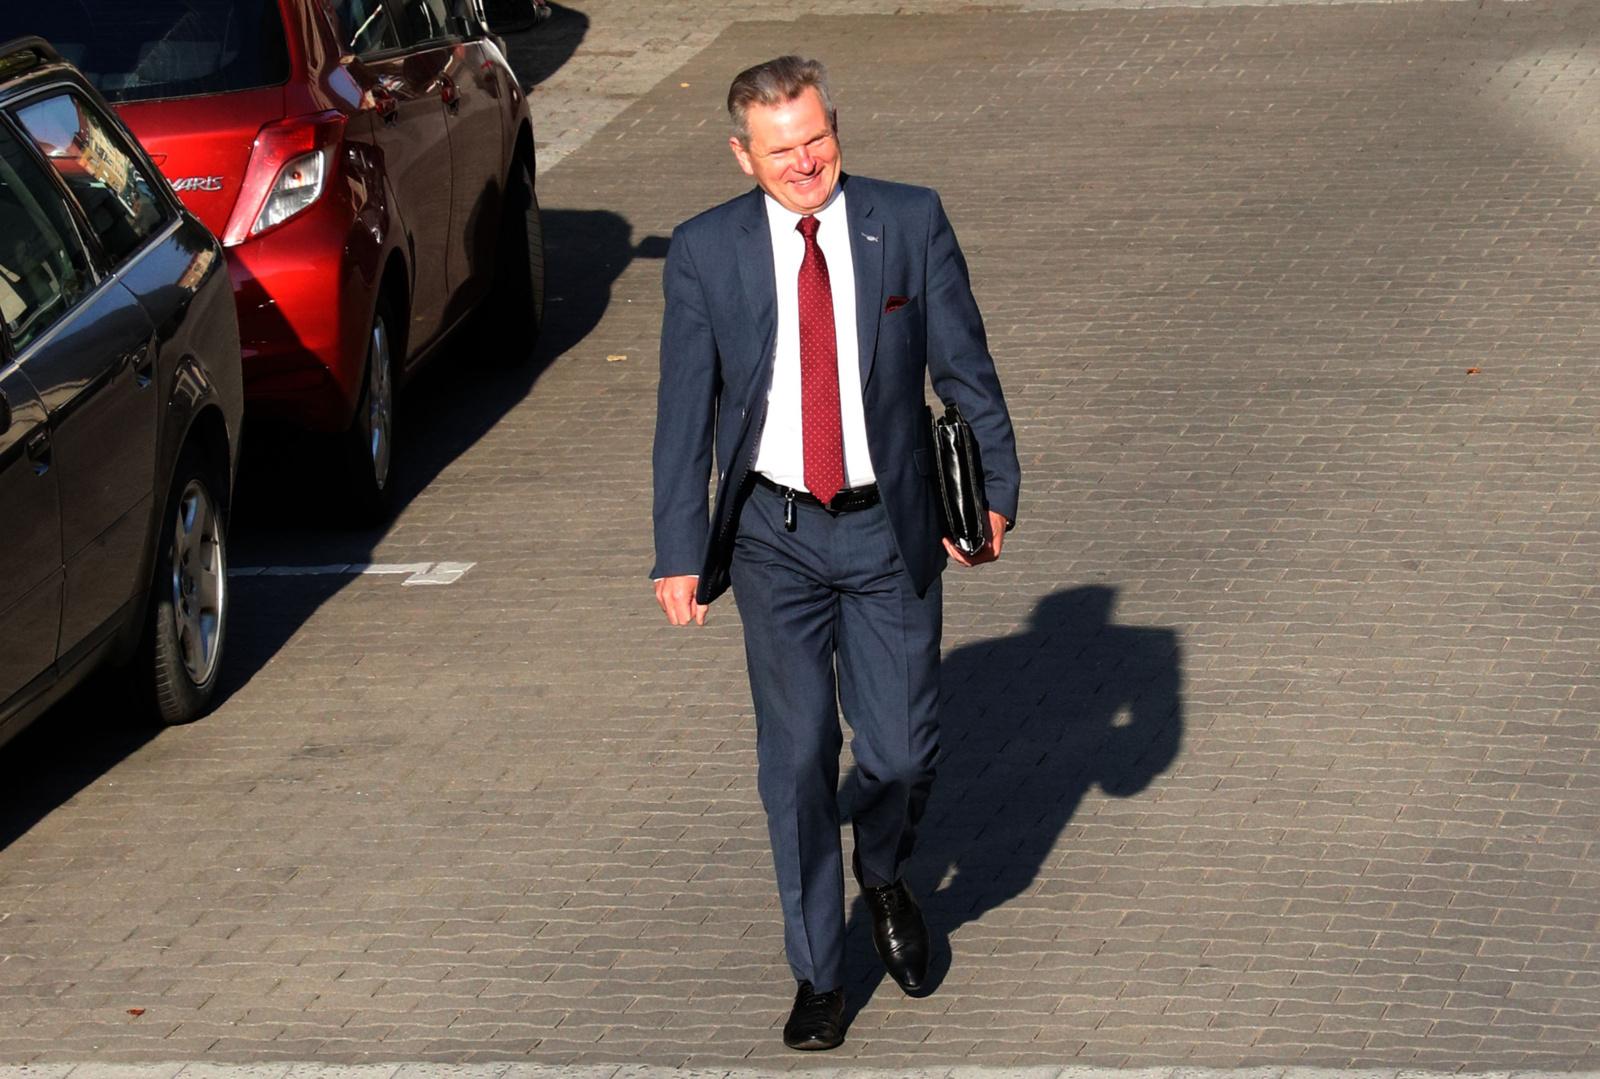 Prieš apkaltindamas J. Narkevičių korupcija, verslininkas kreipėsi į Prezidentūrą